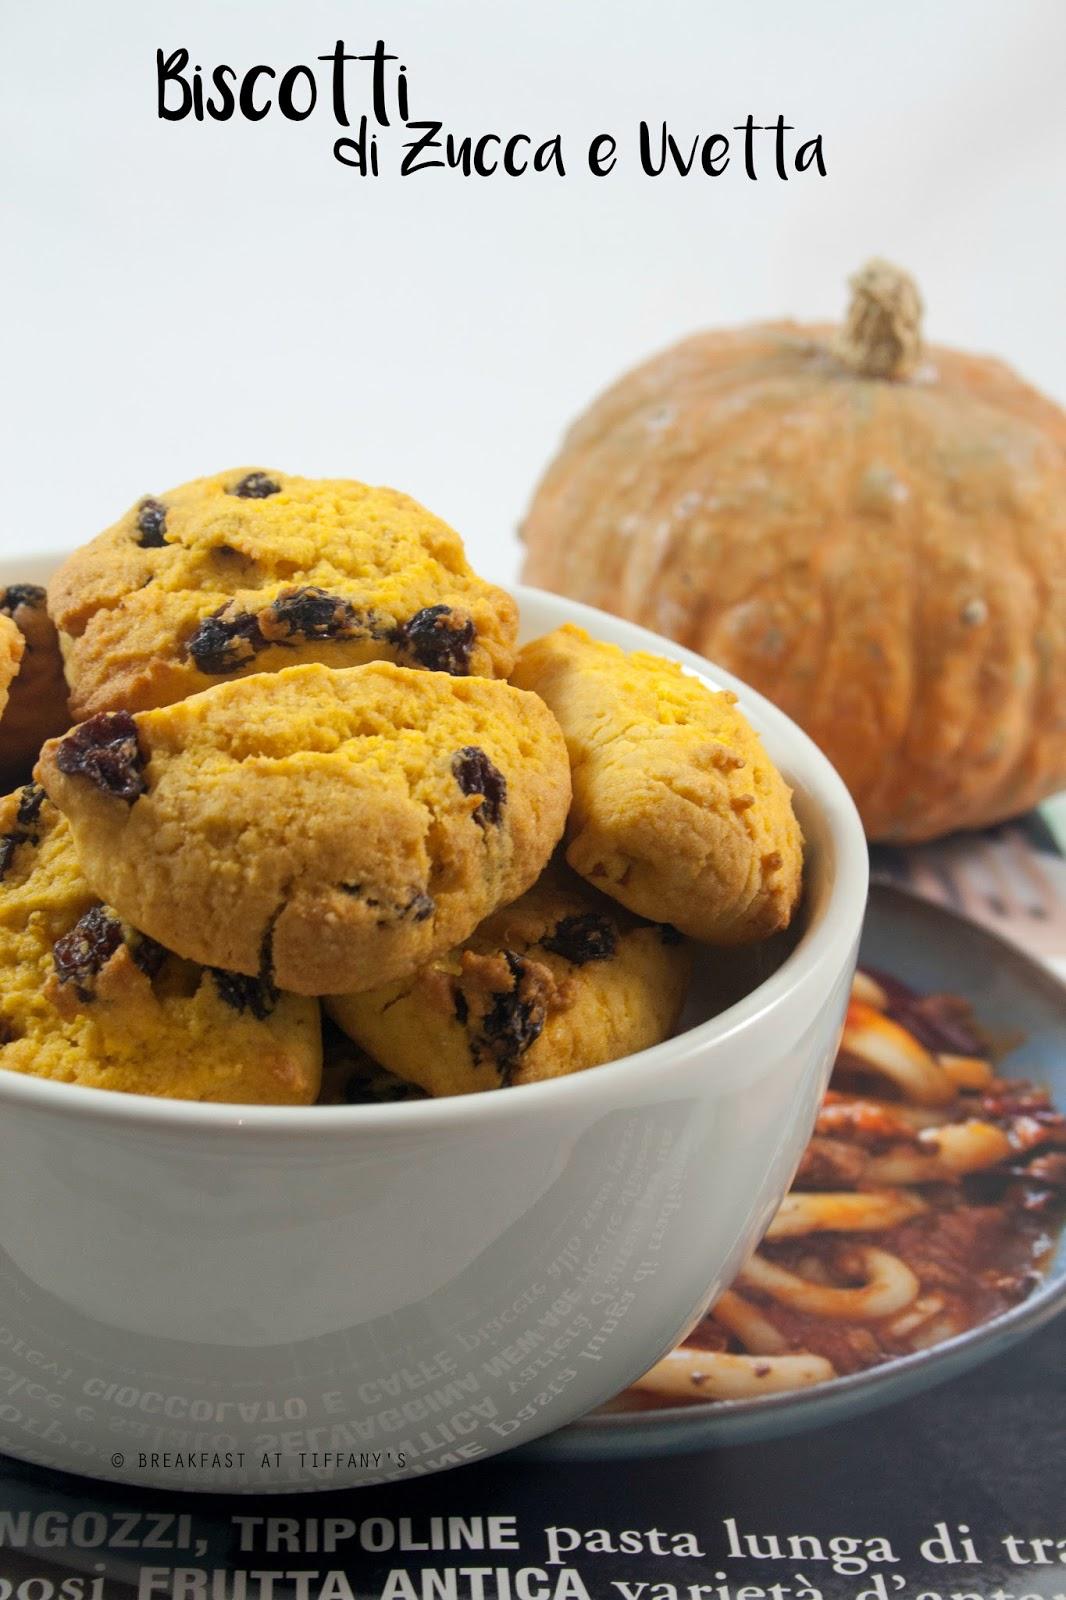 Biscotti di zucca e uvetta / Pumpkin and raisins cookies